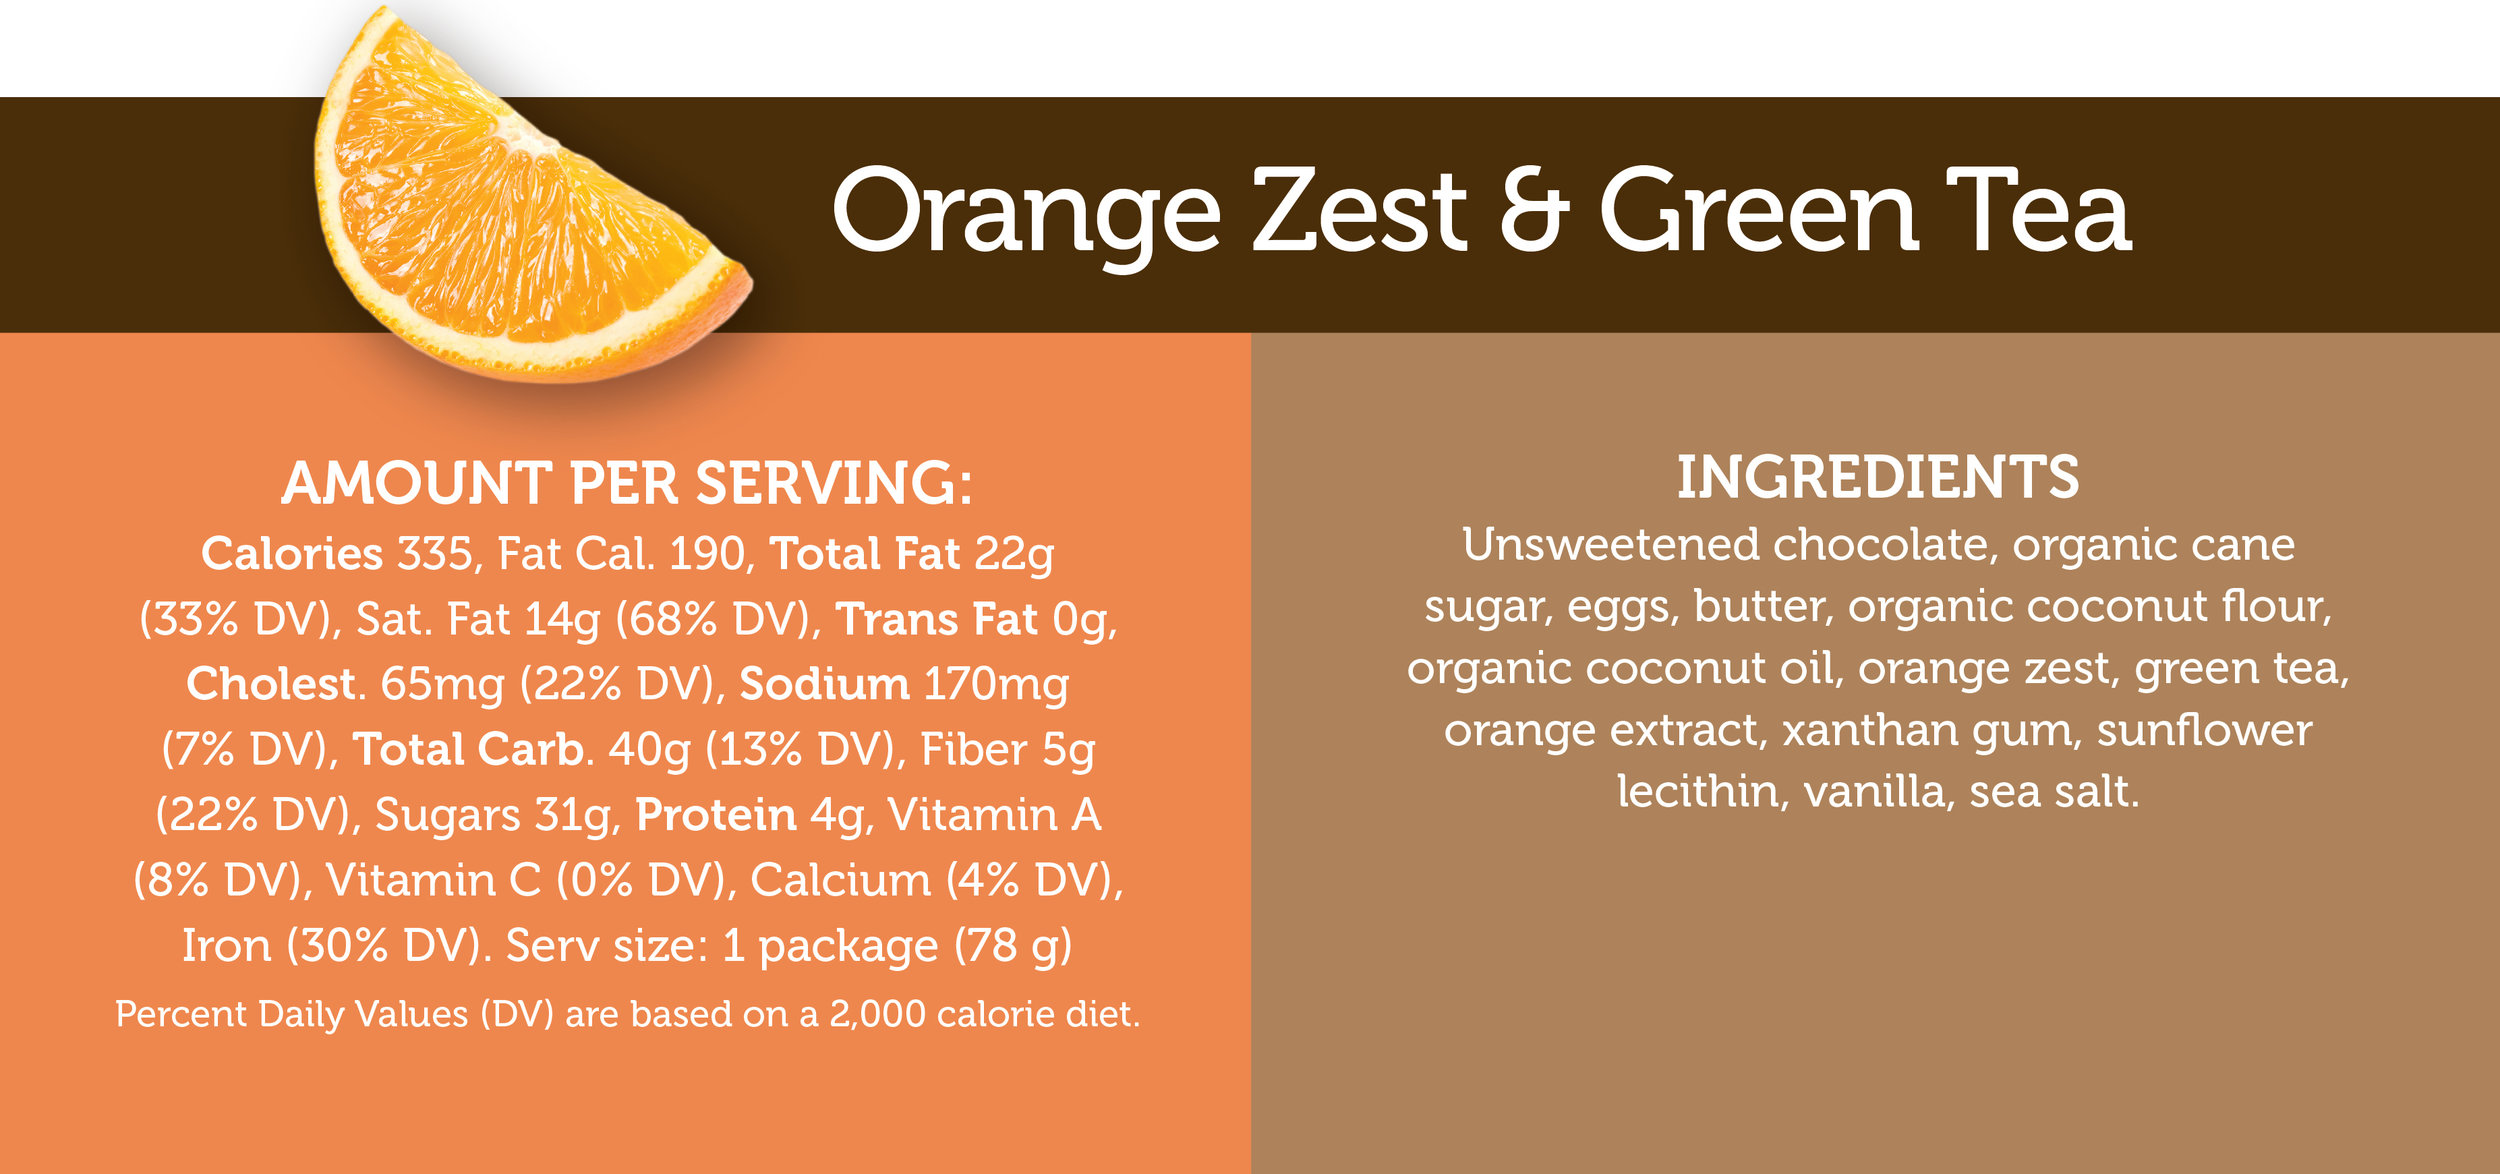 orangezest_greentea.jpg